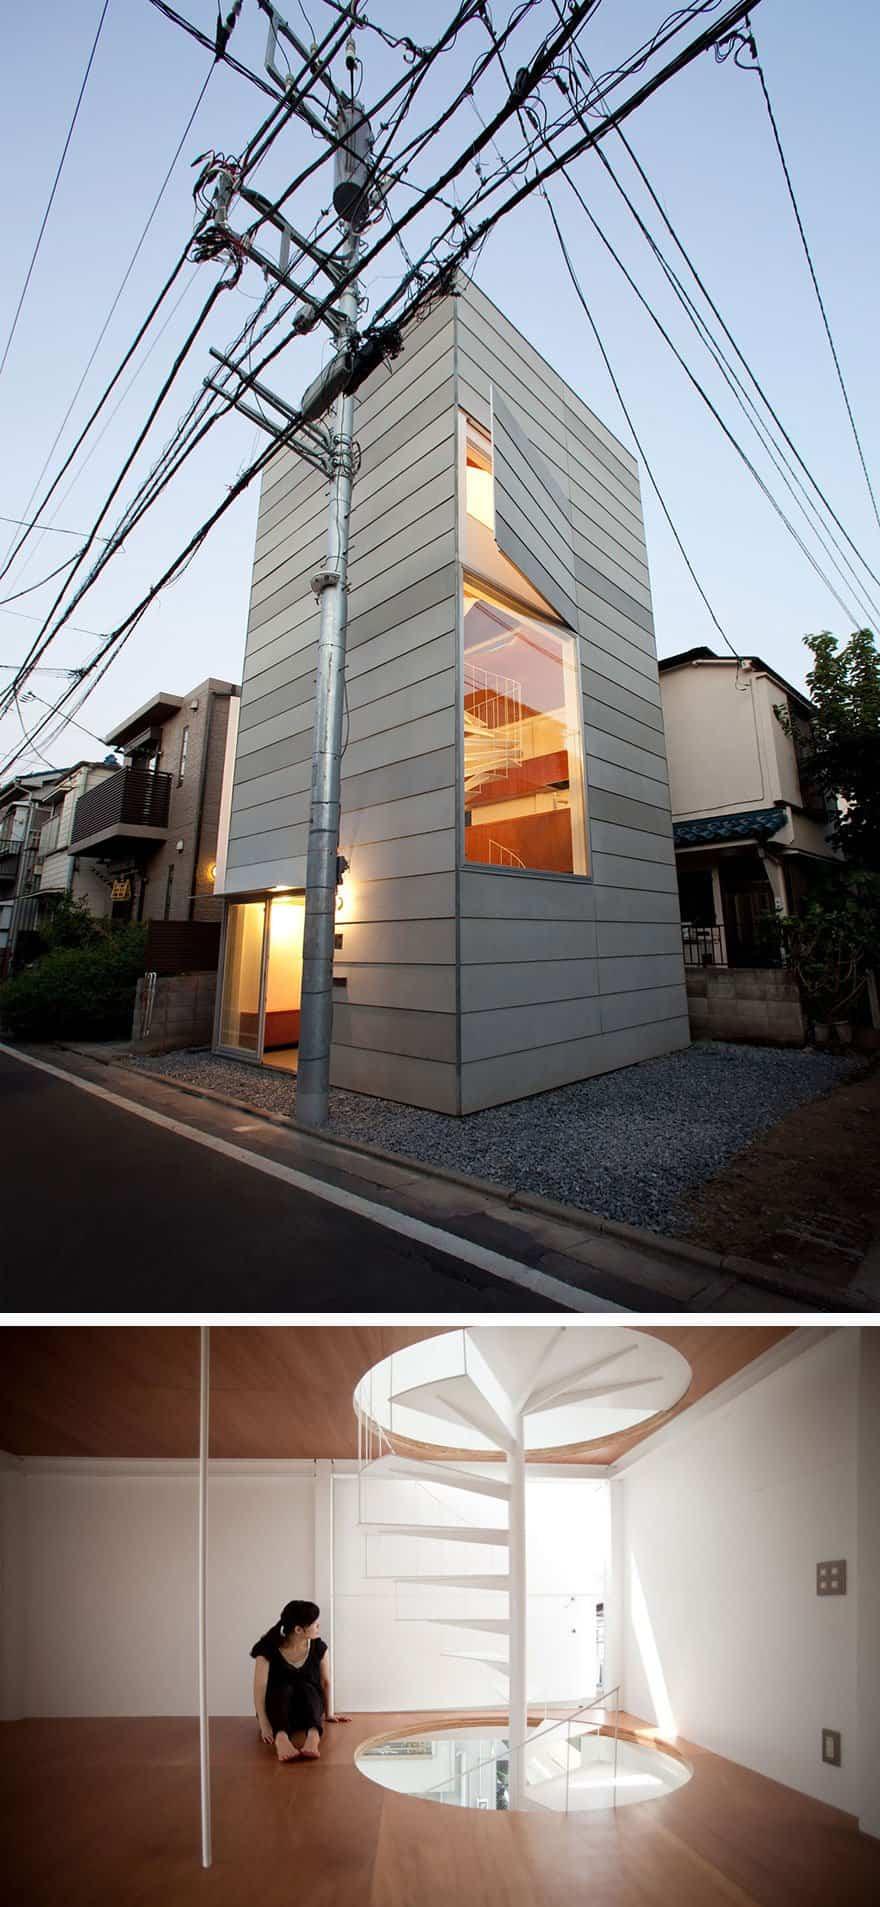 casas diminutas por el mundo 14